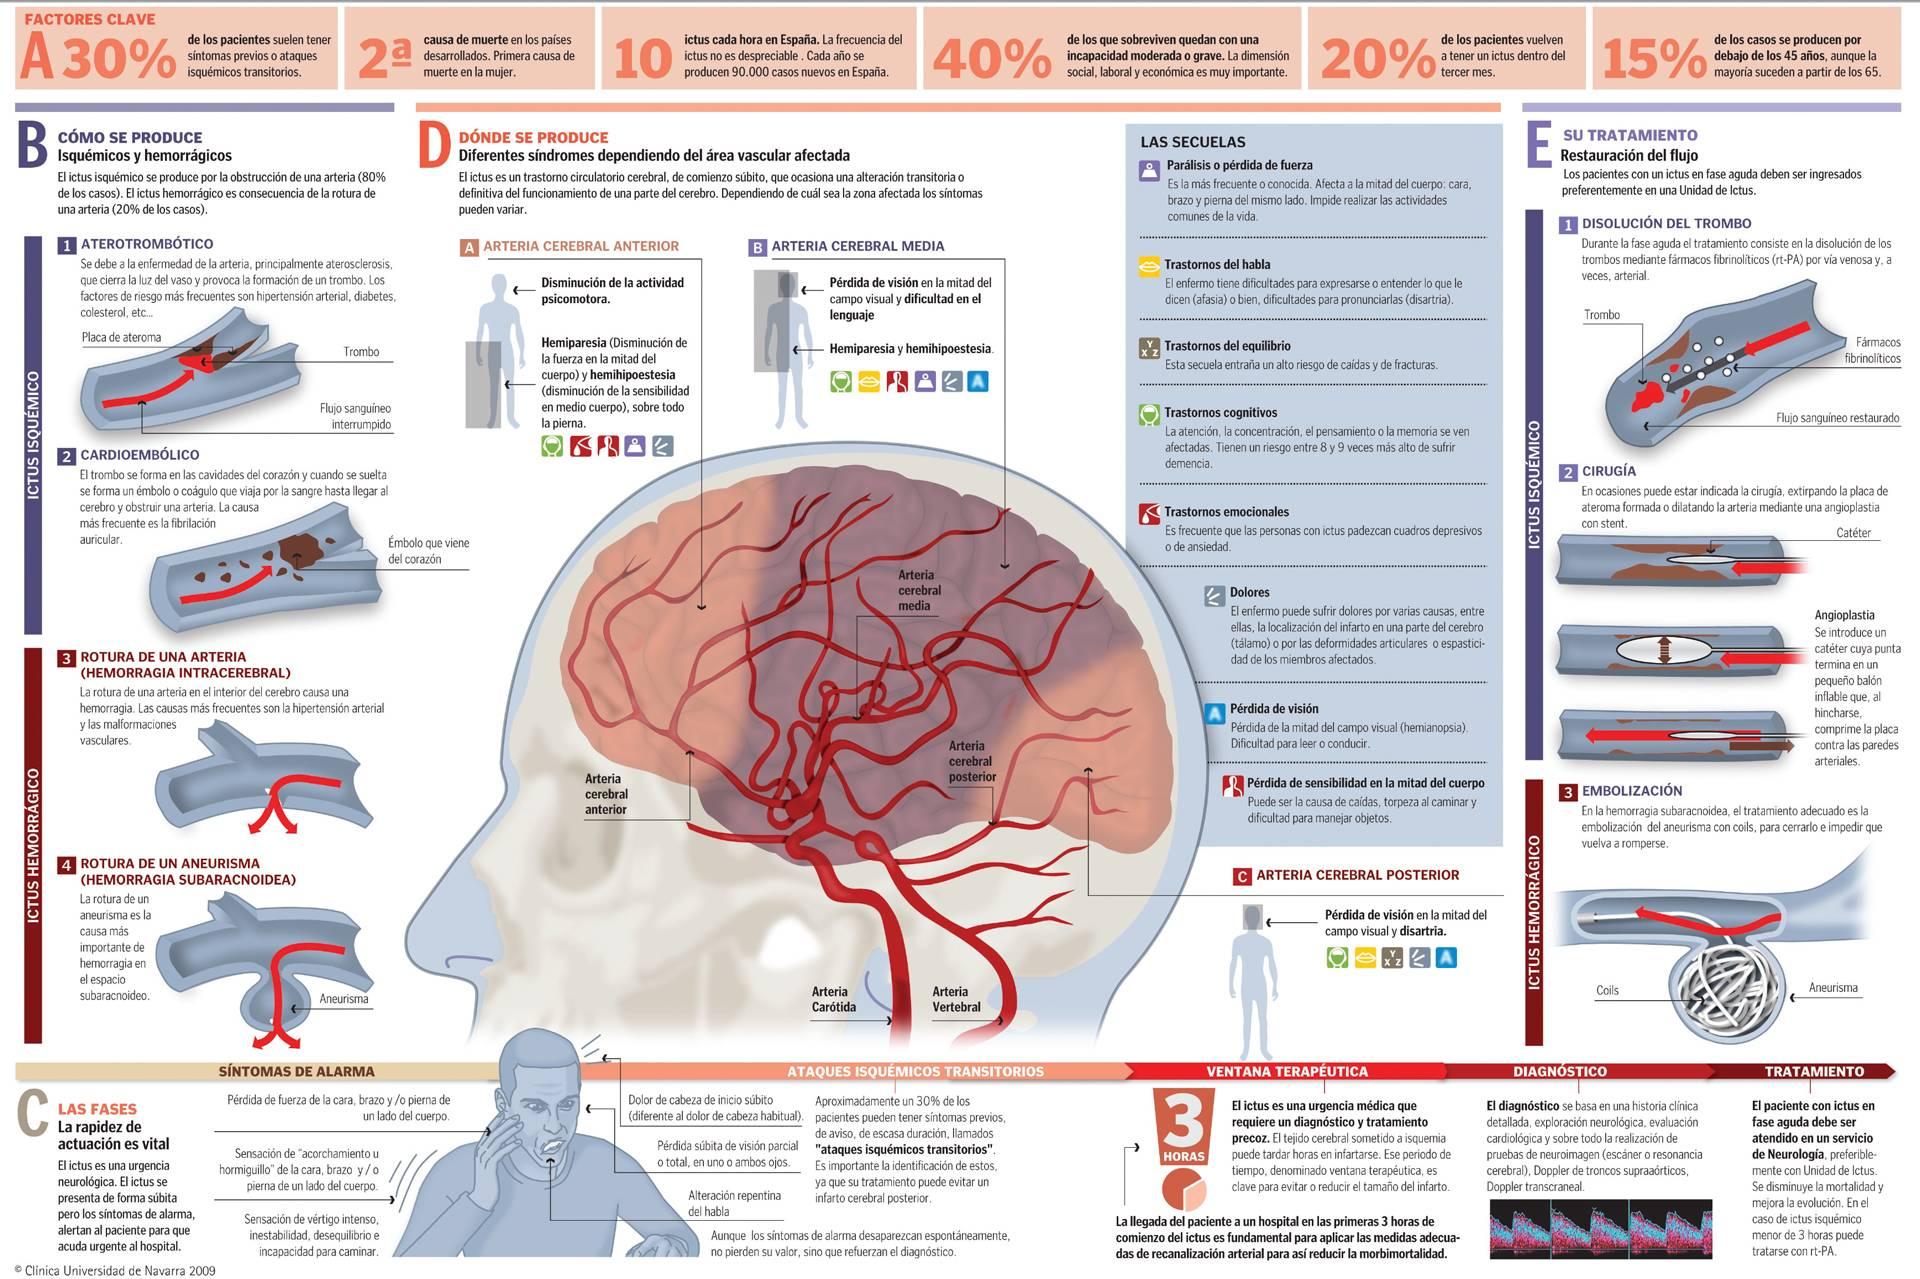 plan de cuidados para la neurología de la diabetes mellitus